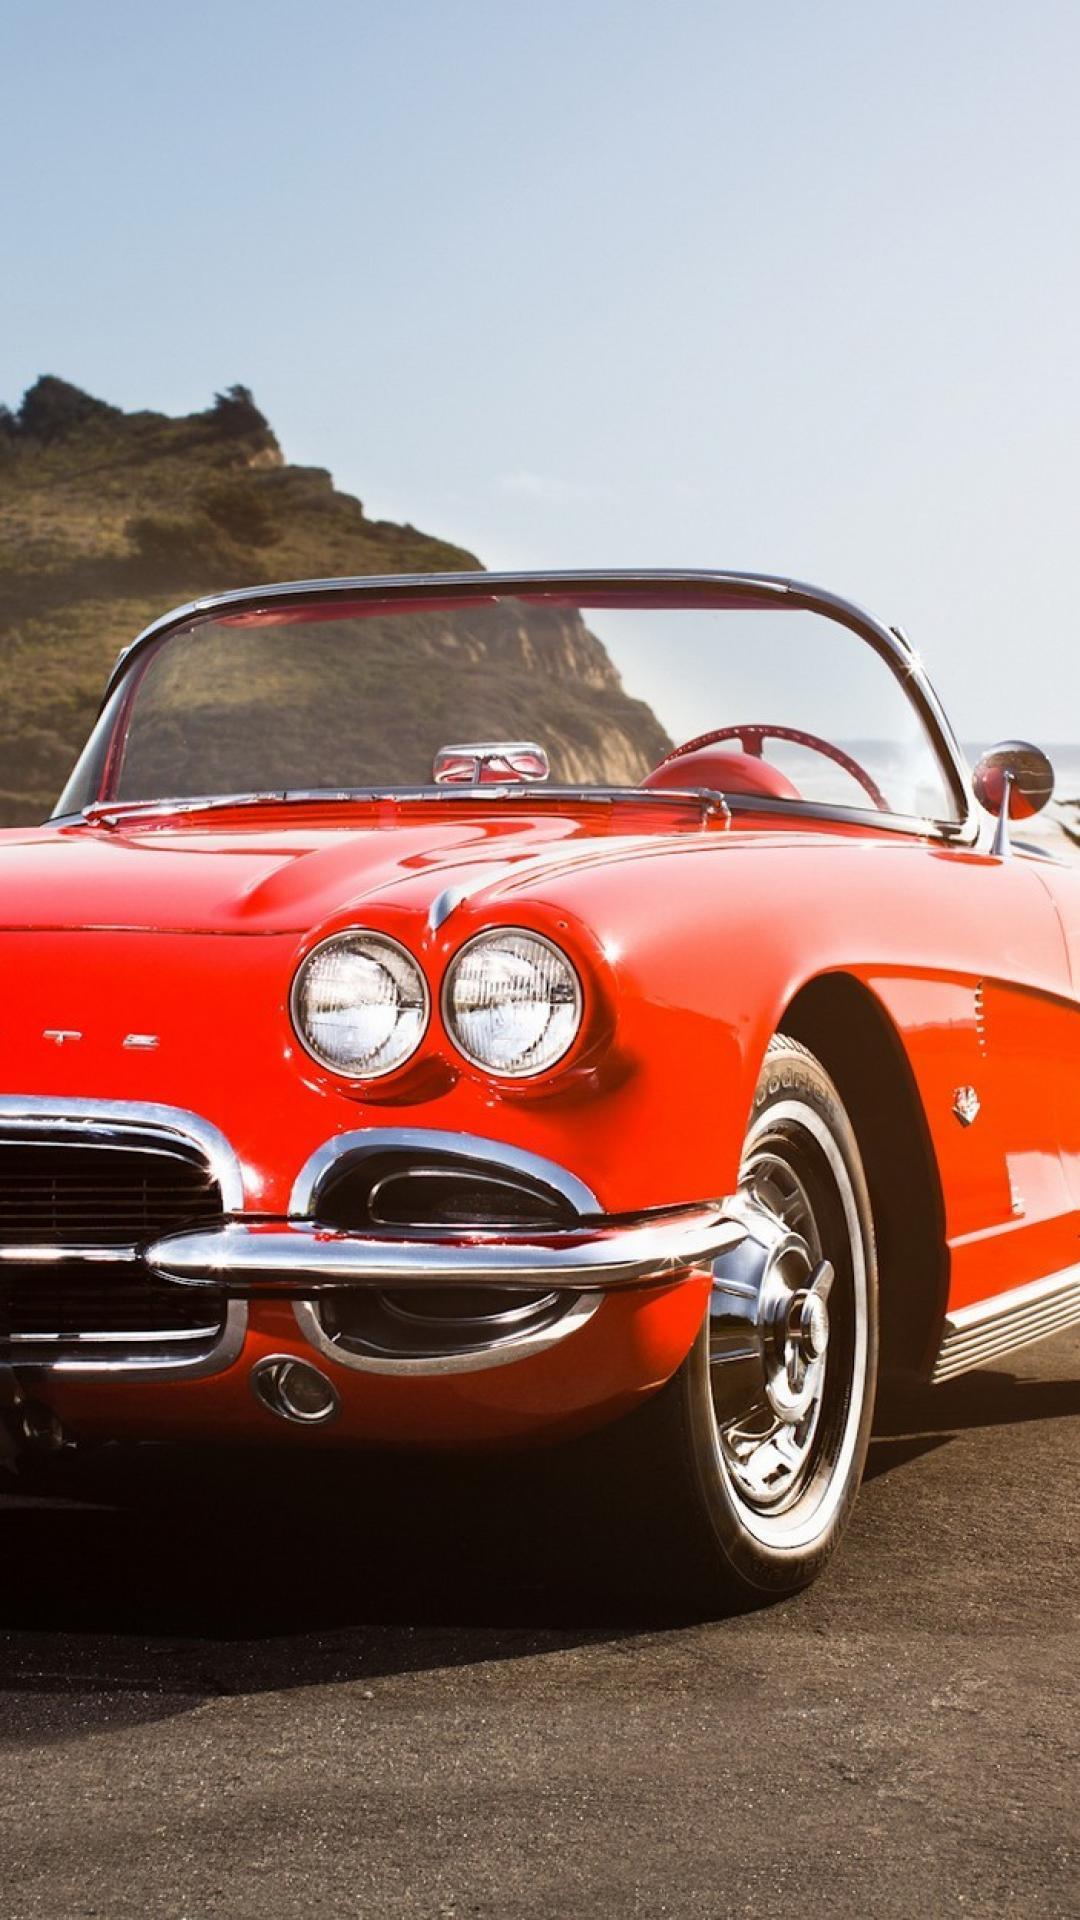 Vintage Car iPhone Wallpapers - Top Free Vintage Car ...